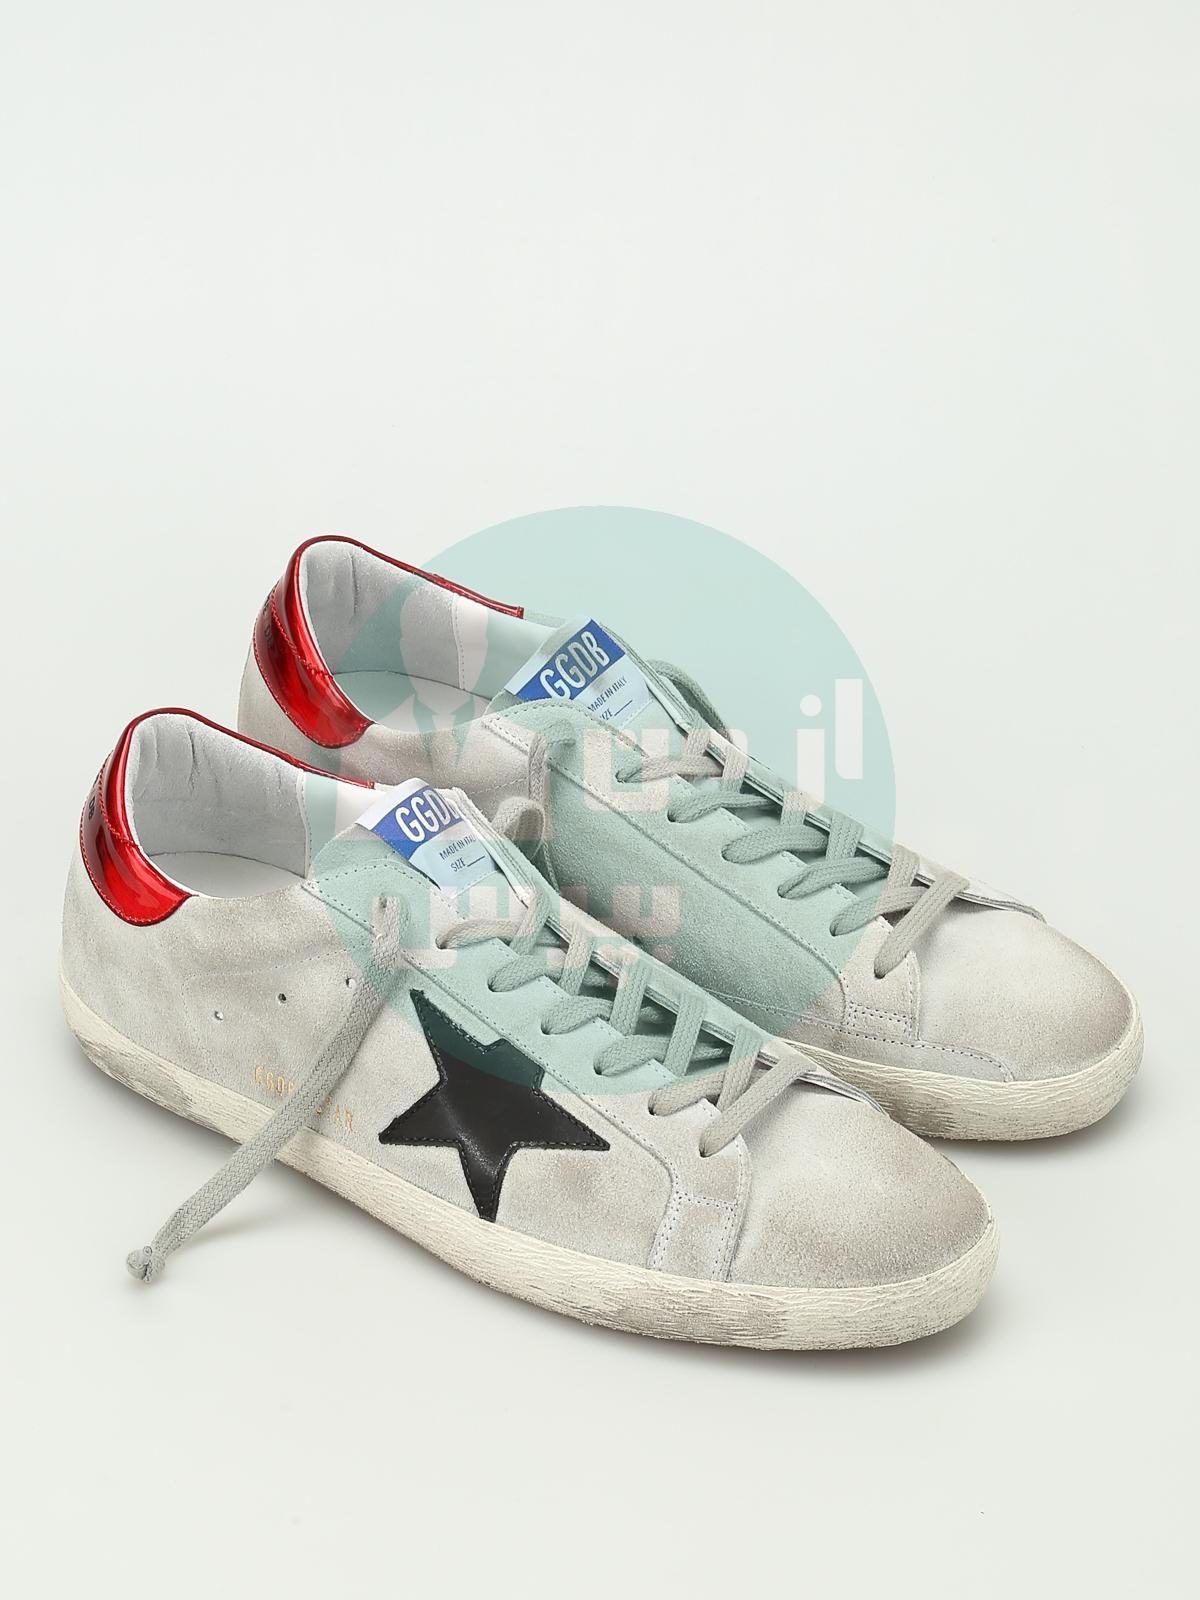 کفش های کهنه